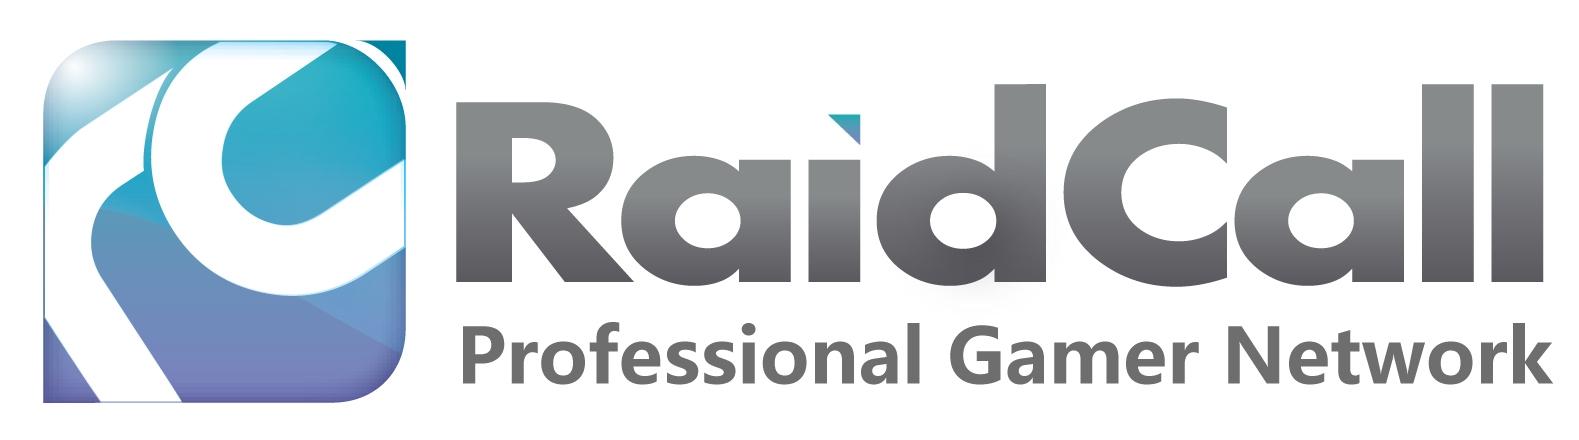 RaidCall - Grupo Oficial do fórum 0800.forumbrasil.net! Raidcall